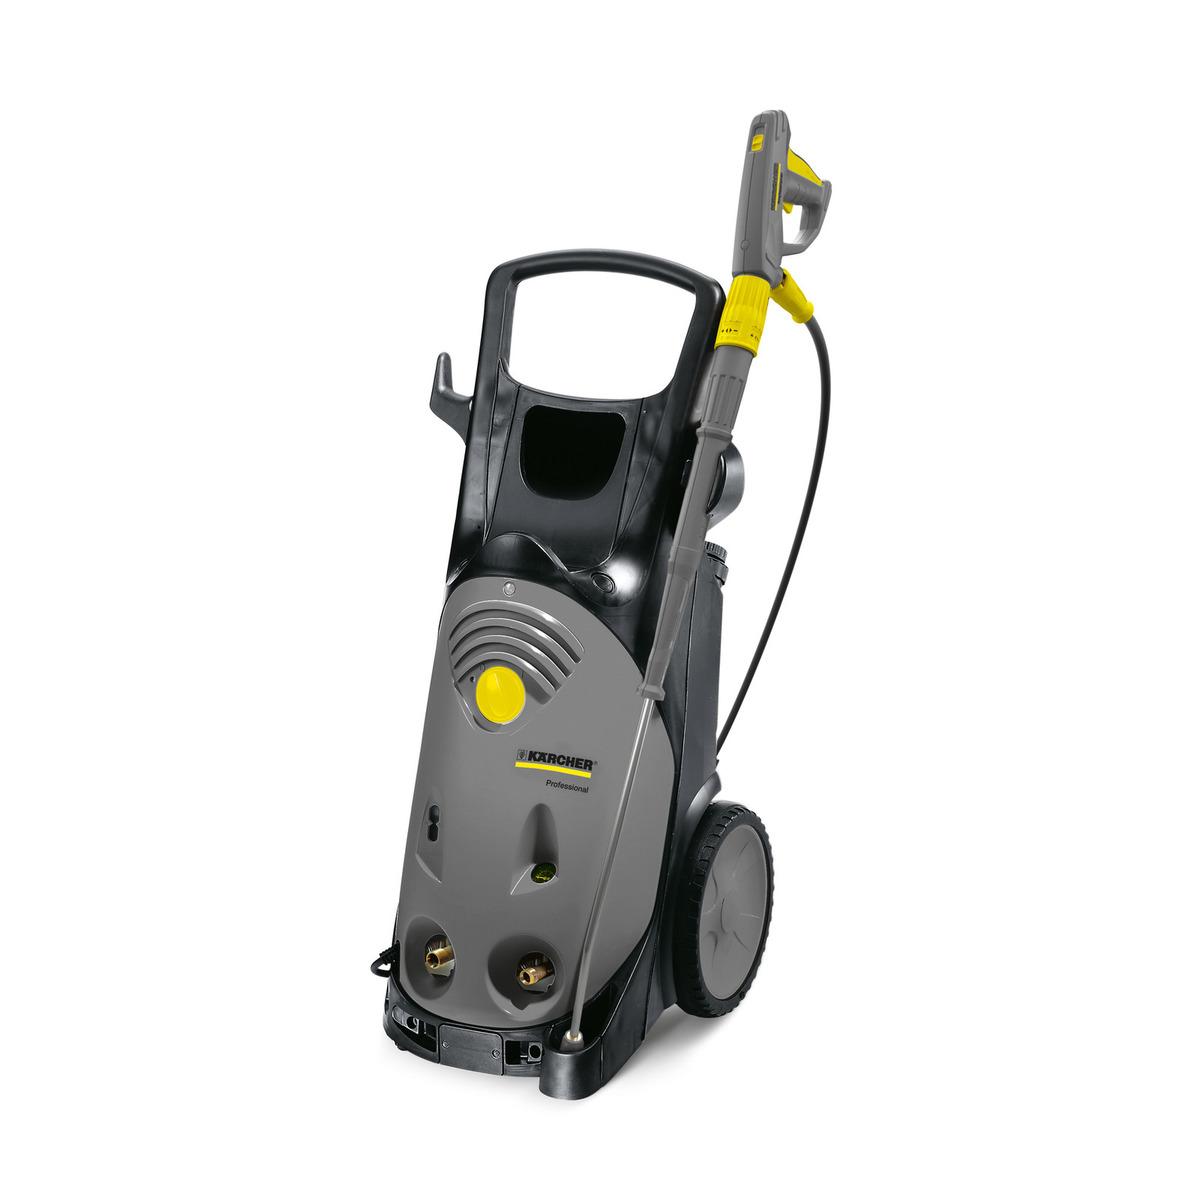 HD 10/25-4 S 冷水高压清洗机